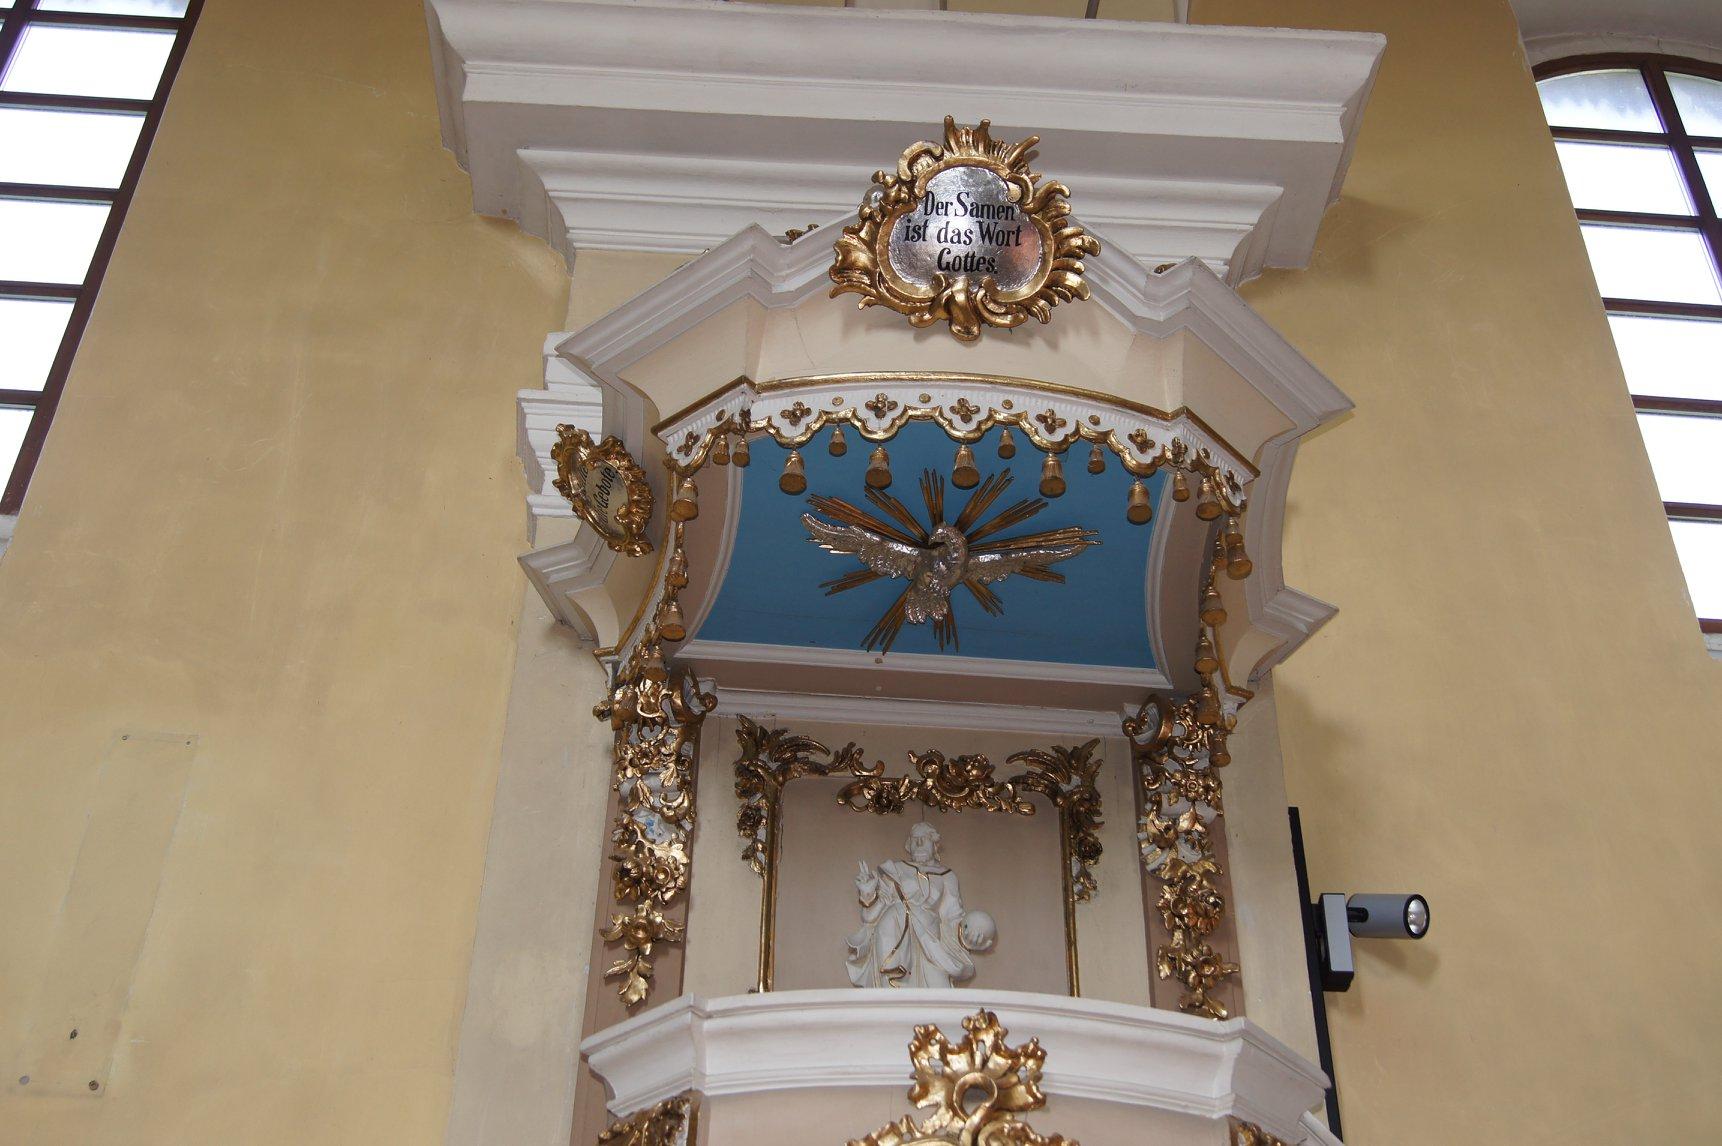 A szószék (Anton Eberhardt) függönyös  hangvetője, a Szentlélek galamb jelképe 2018. június 30.